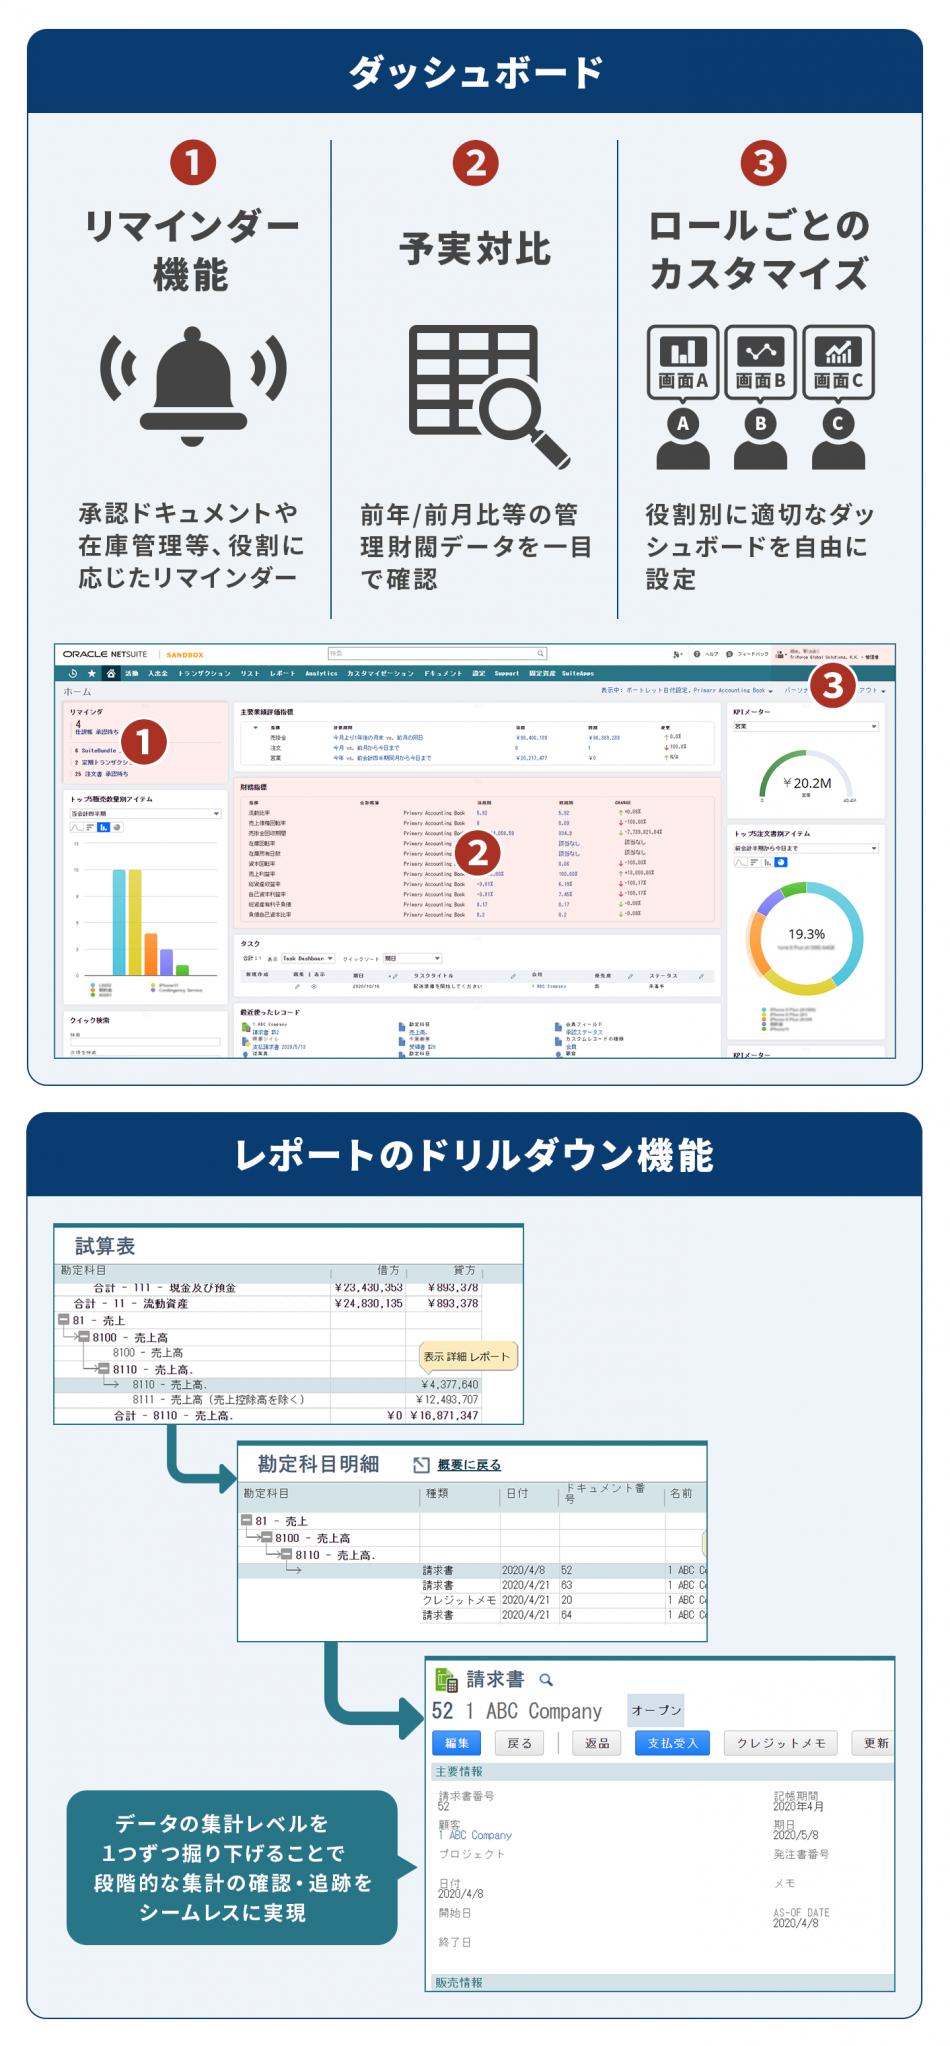 Oracle NetSuite 導入効果2